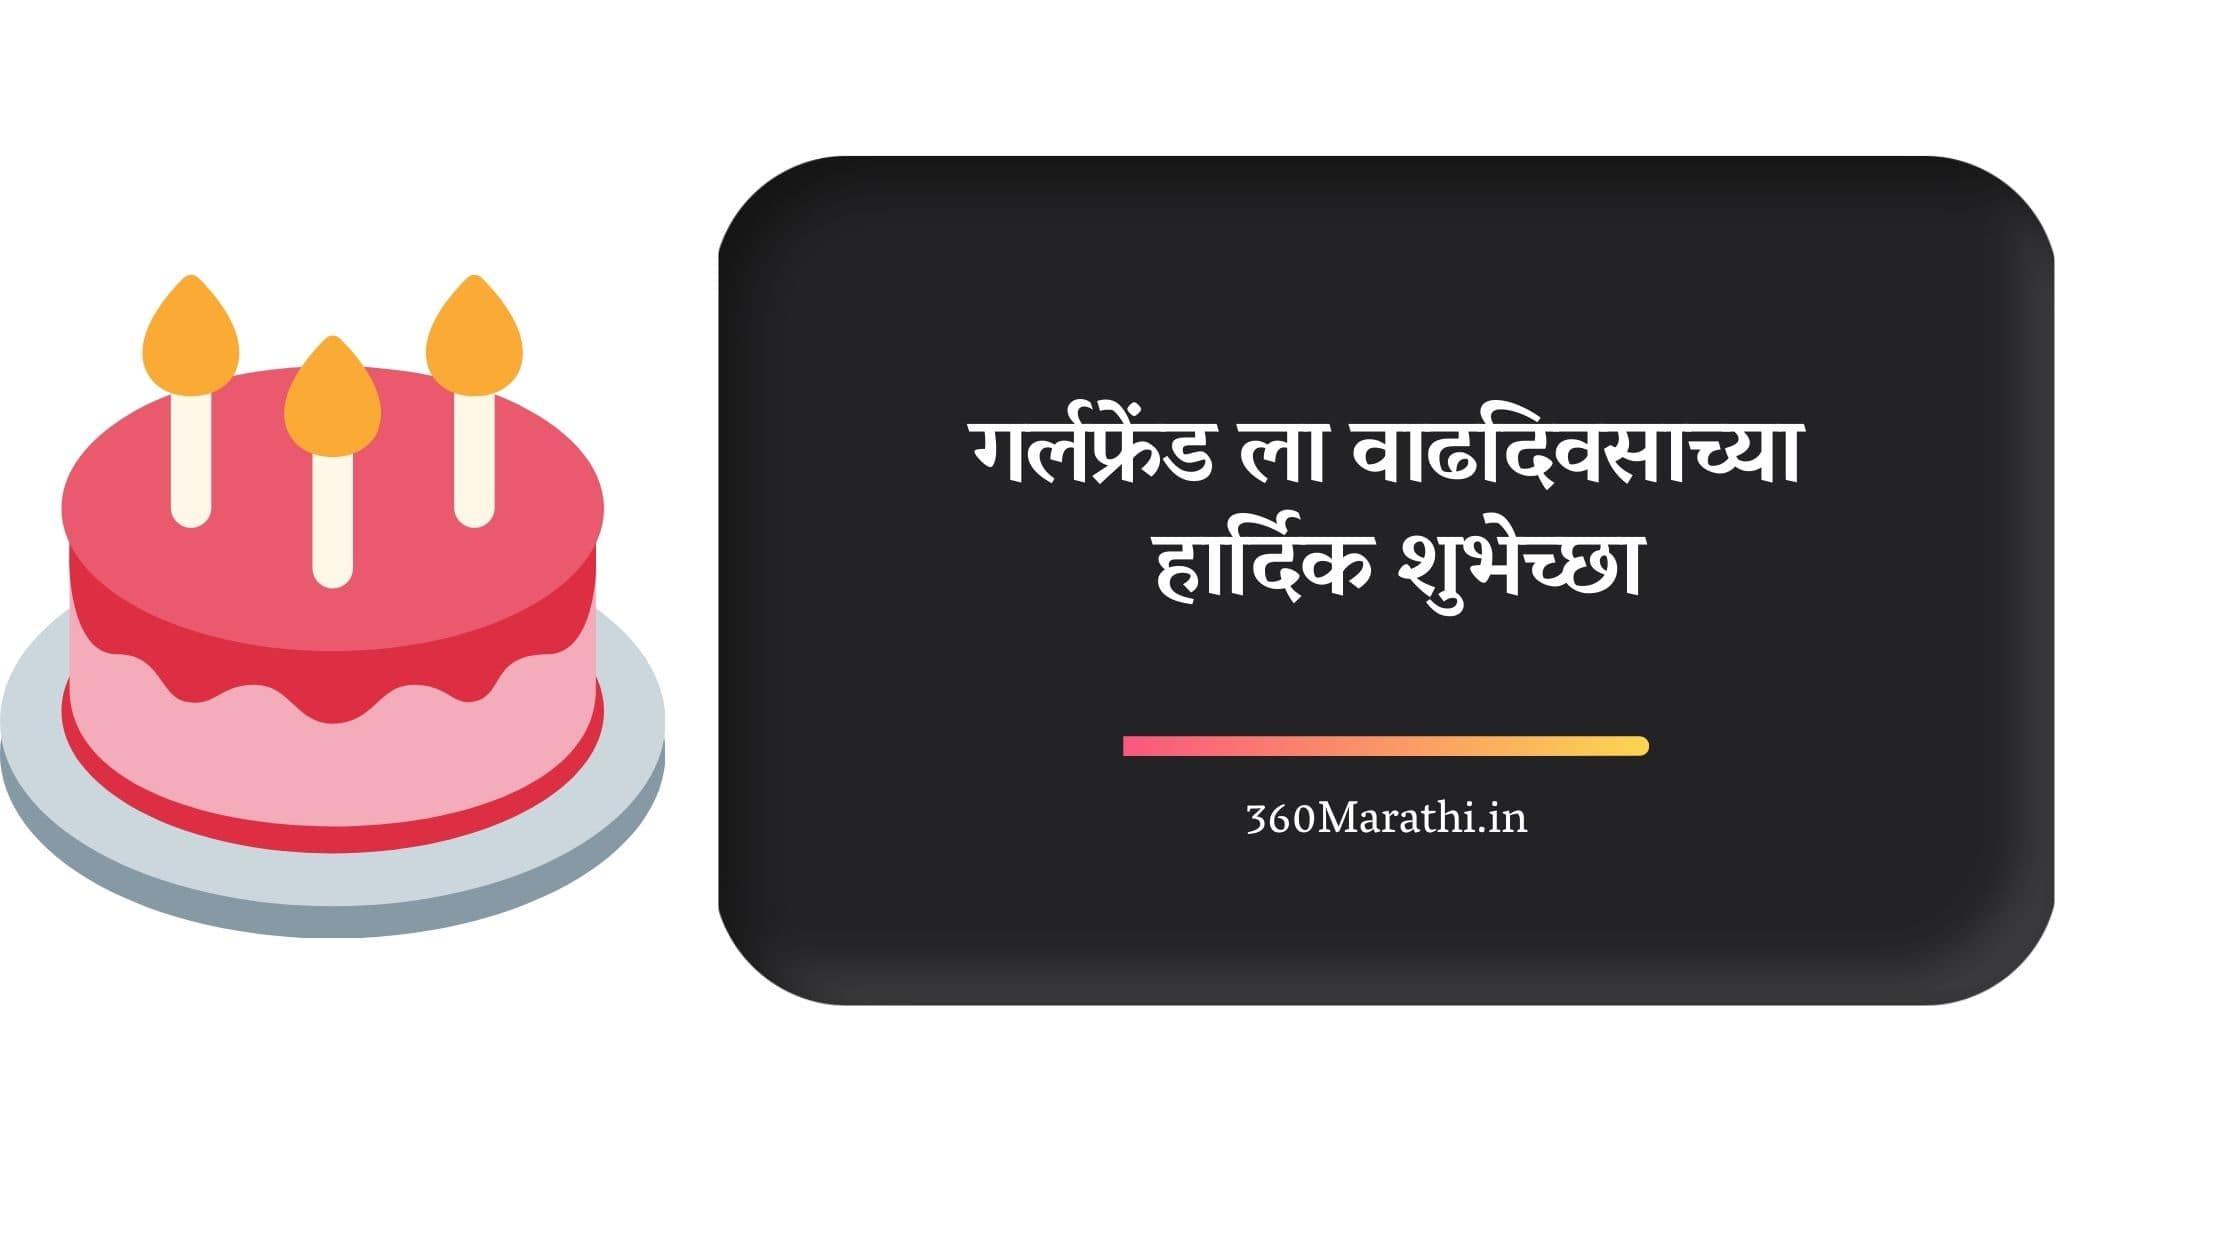 Birthday Wishes in Marathi For Girlfriend   गर्लफ्रेंड ला वाढदिवसाच्या हार्दिक शुभेच्छा